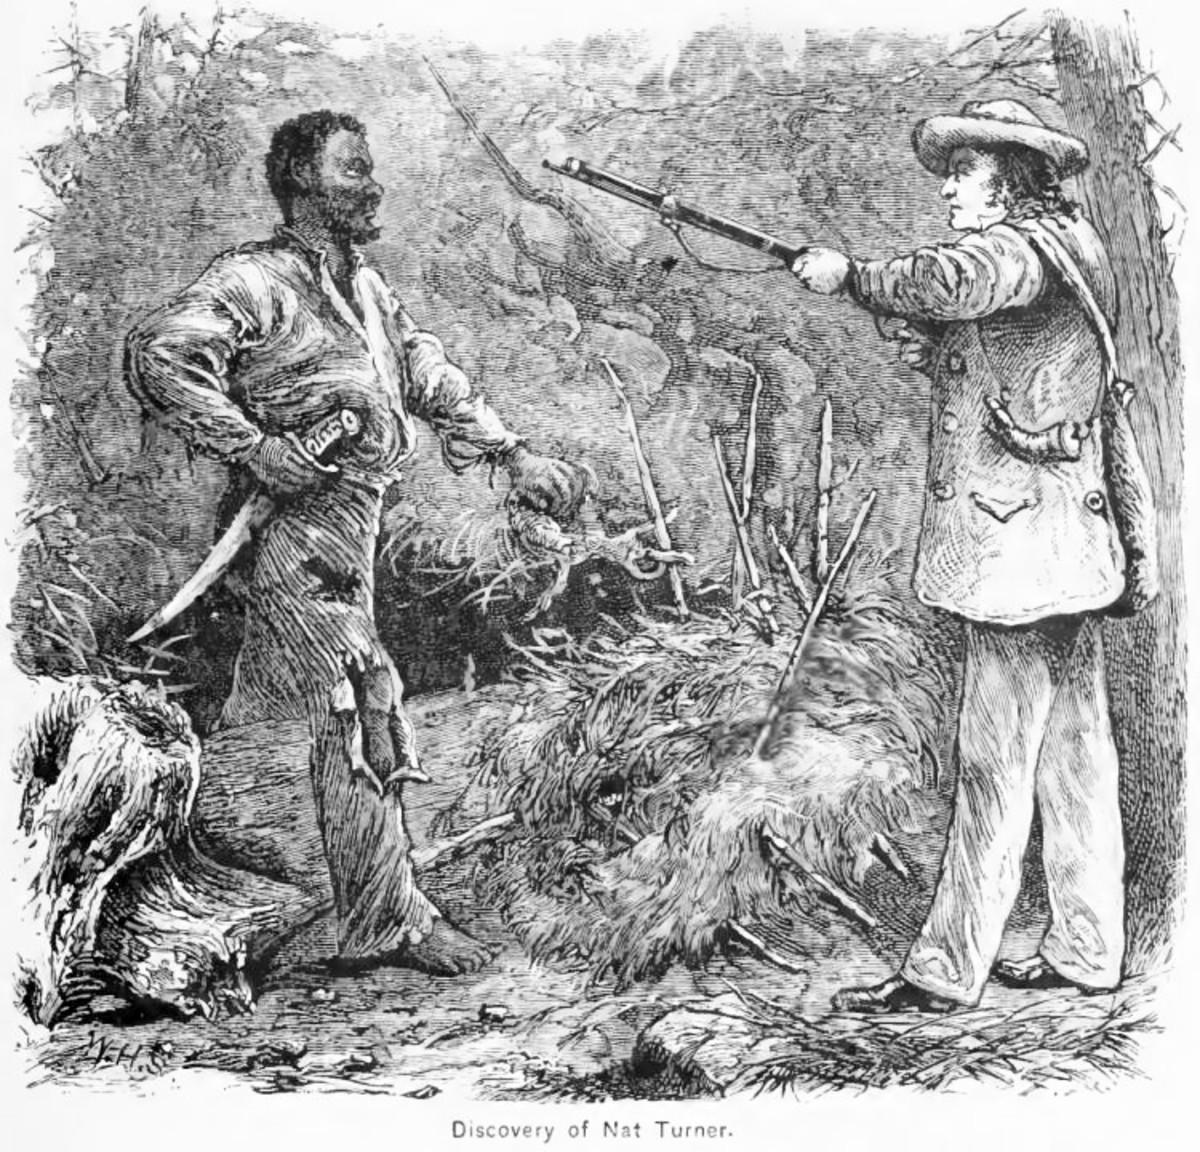 Capture of Nat Turner